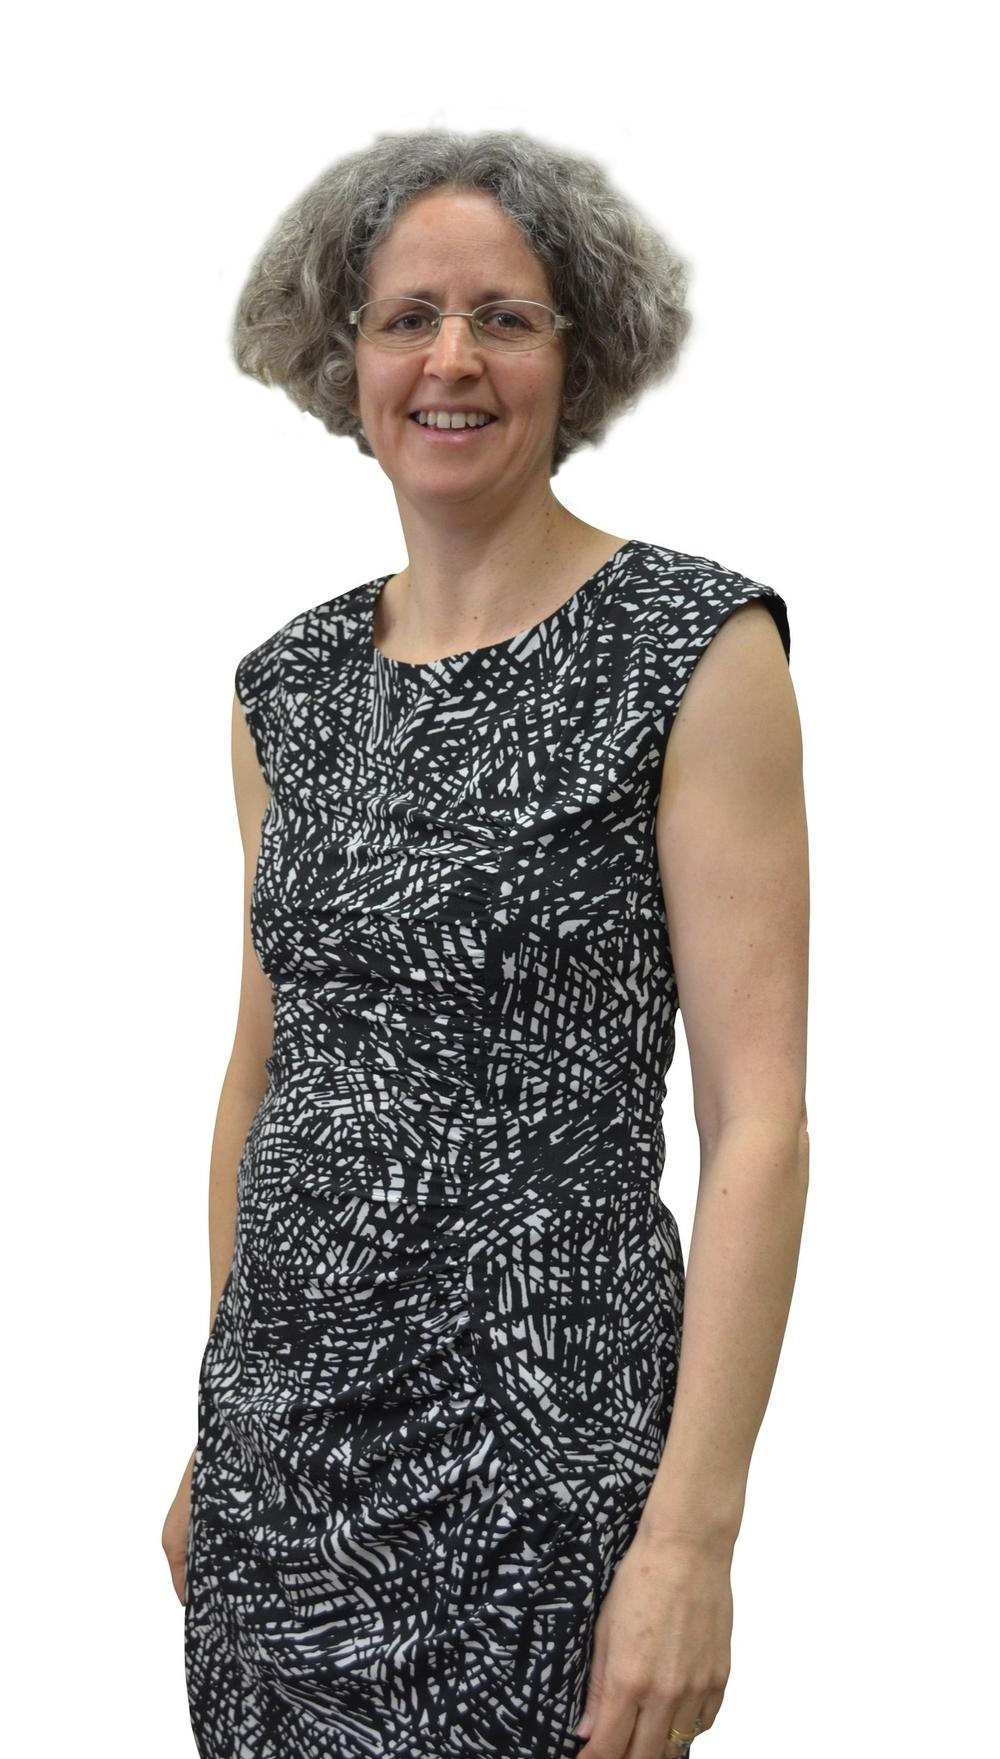 Lynn Bosworth